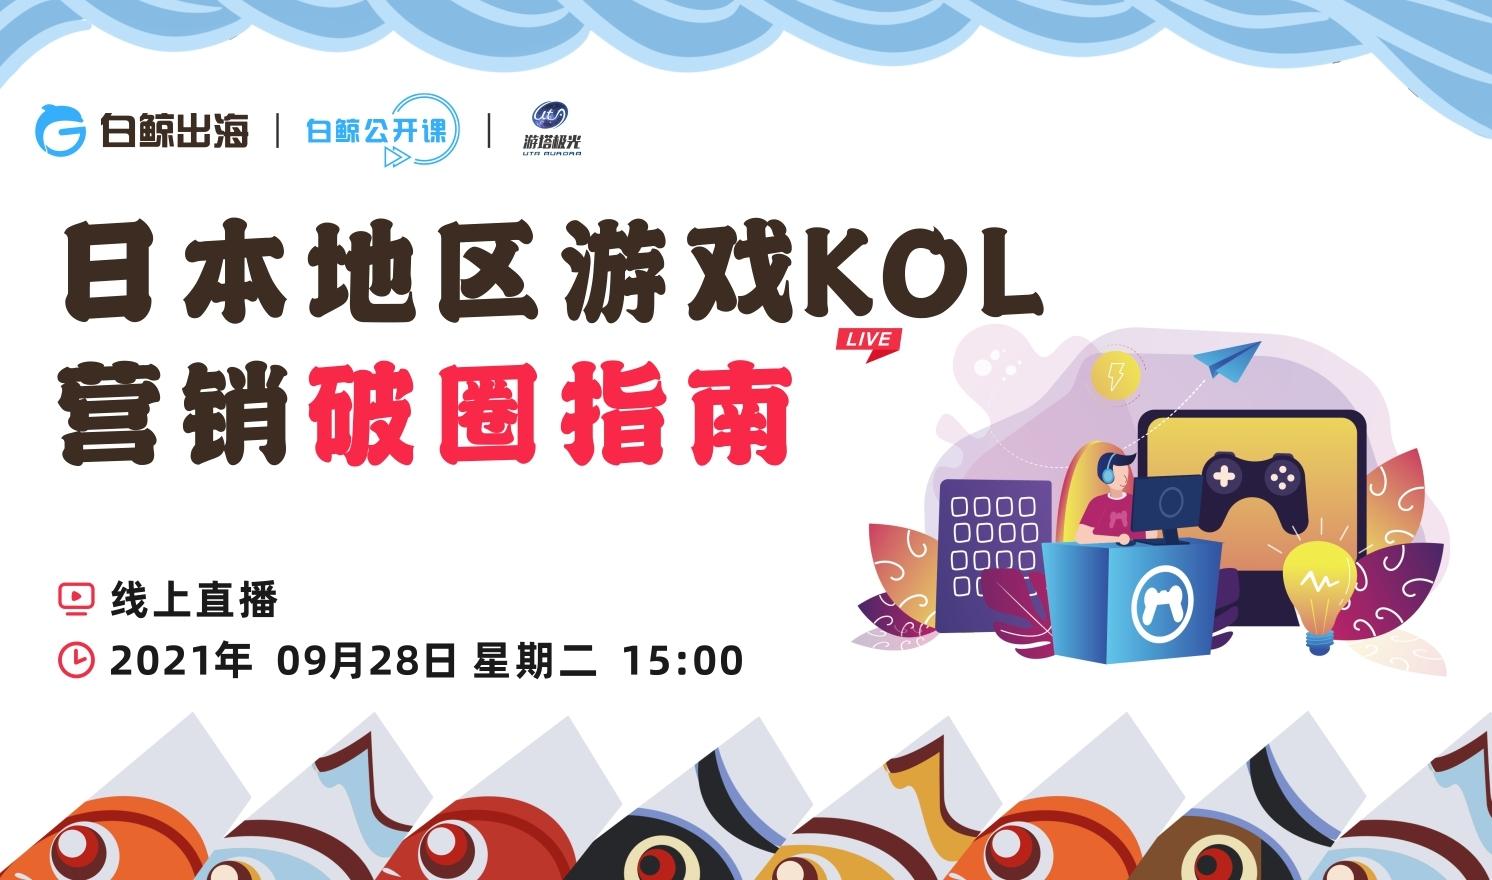 【白鲸公开课】日本地区游戏KOL营销破圈(2021-09-28)